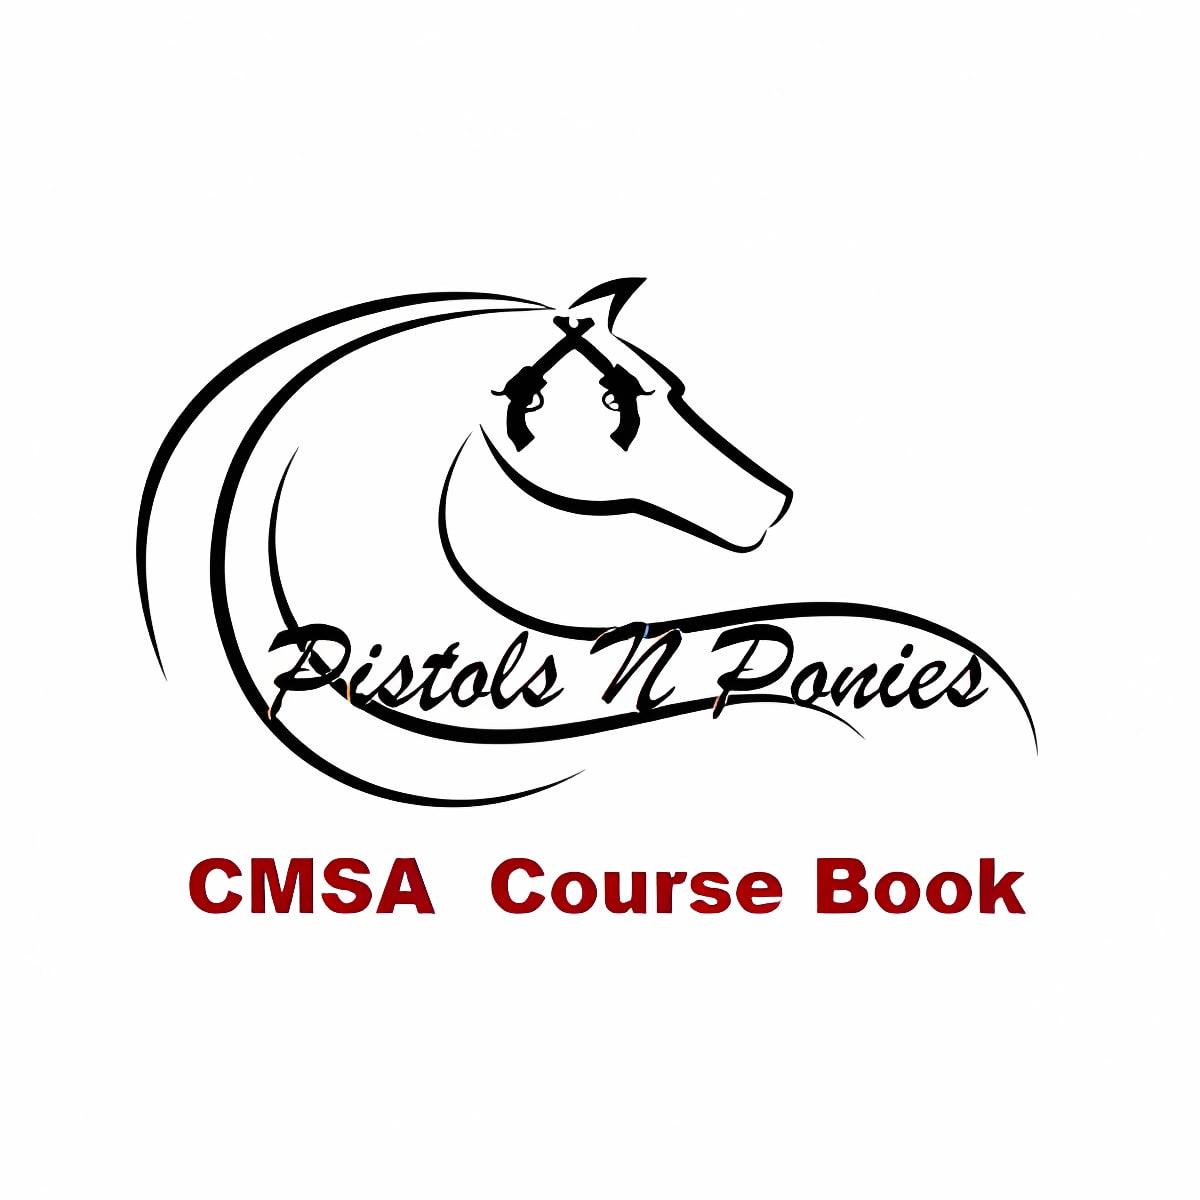 CMSA Course Book